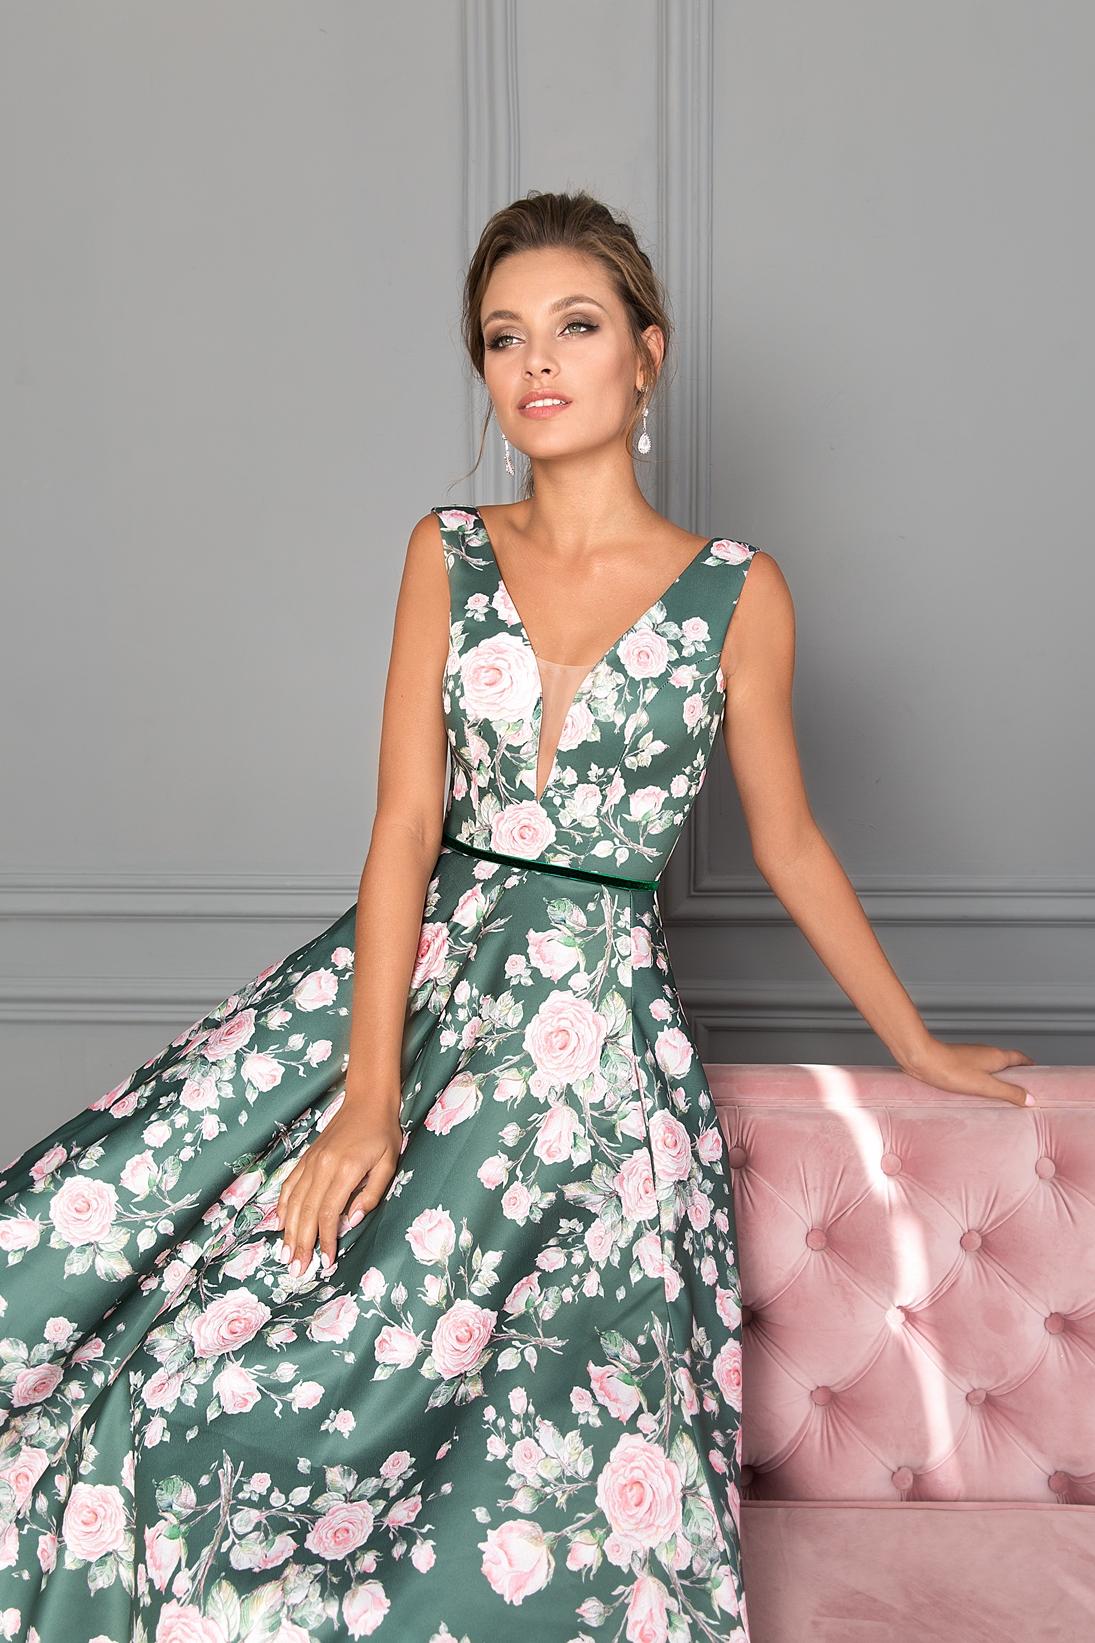 Вечерние платья с цветочным принтом 4